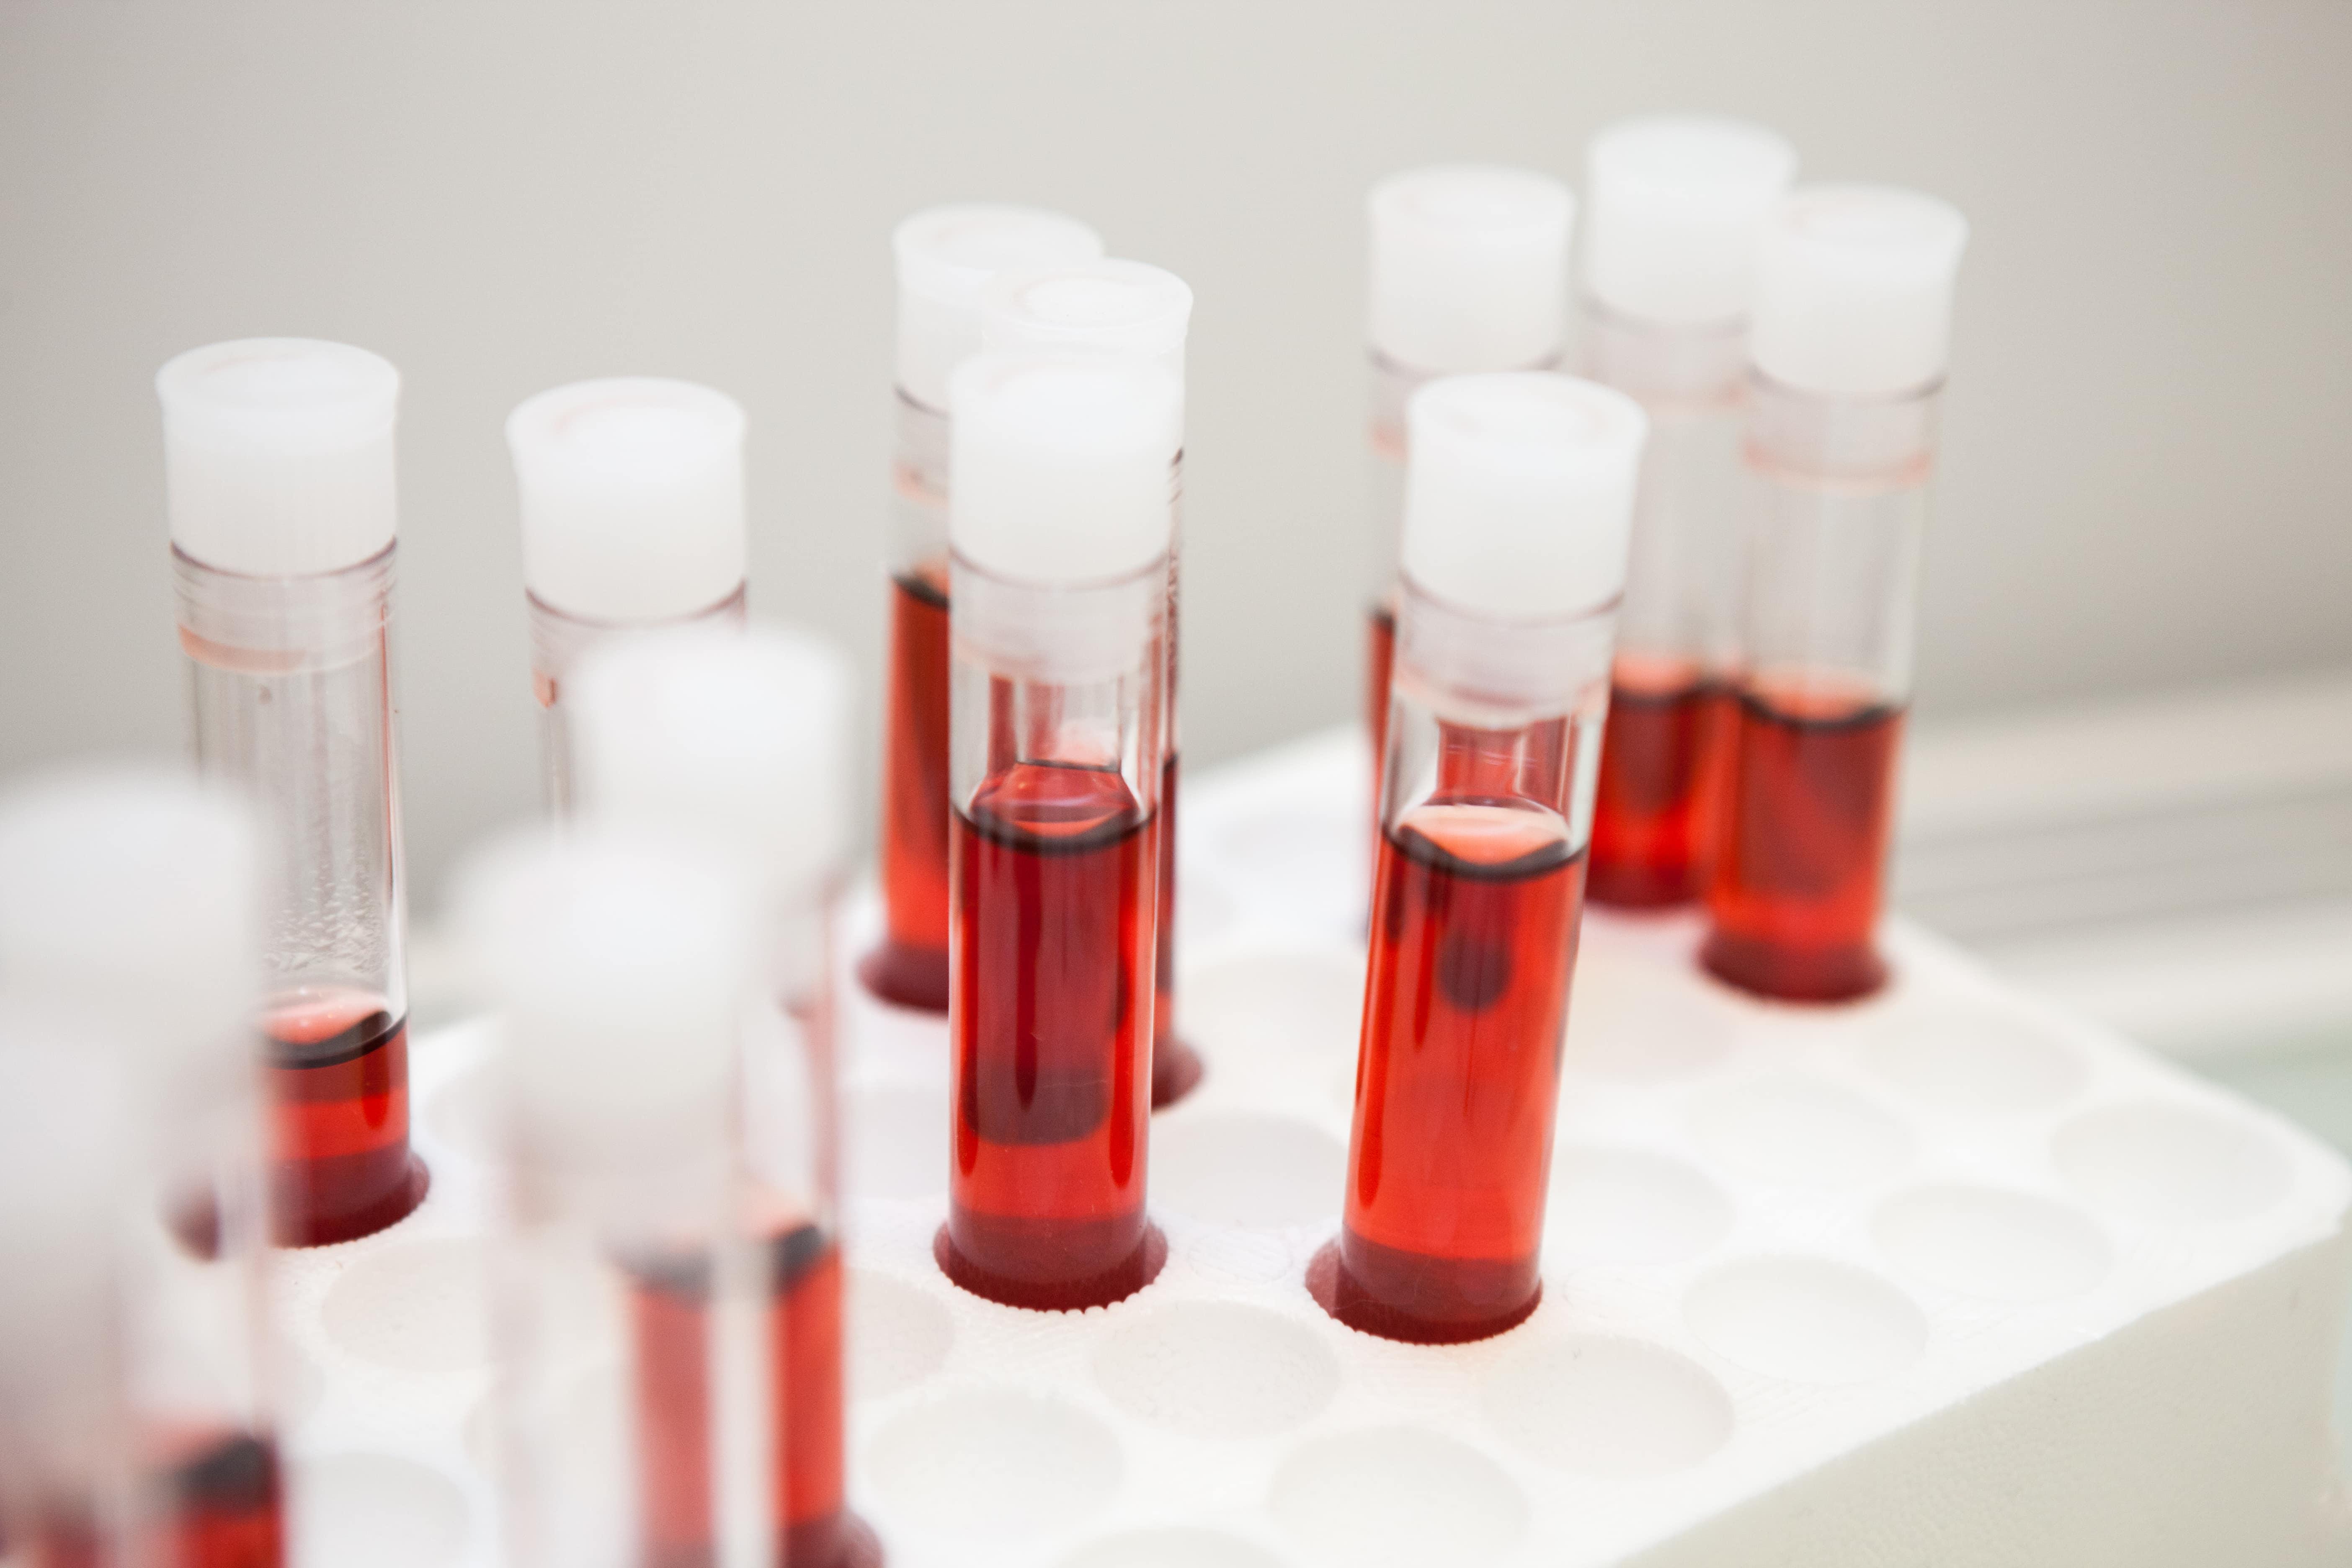 試験管に赤い液体